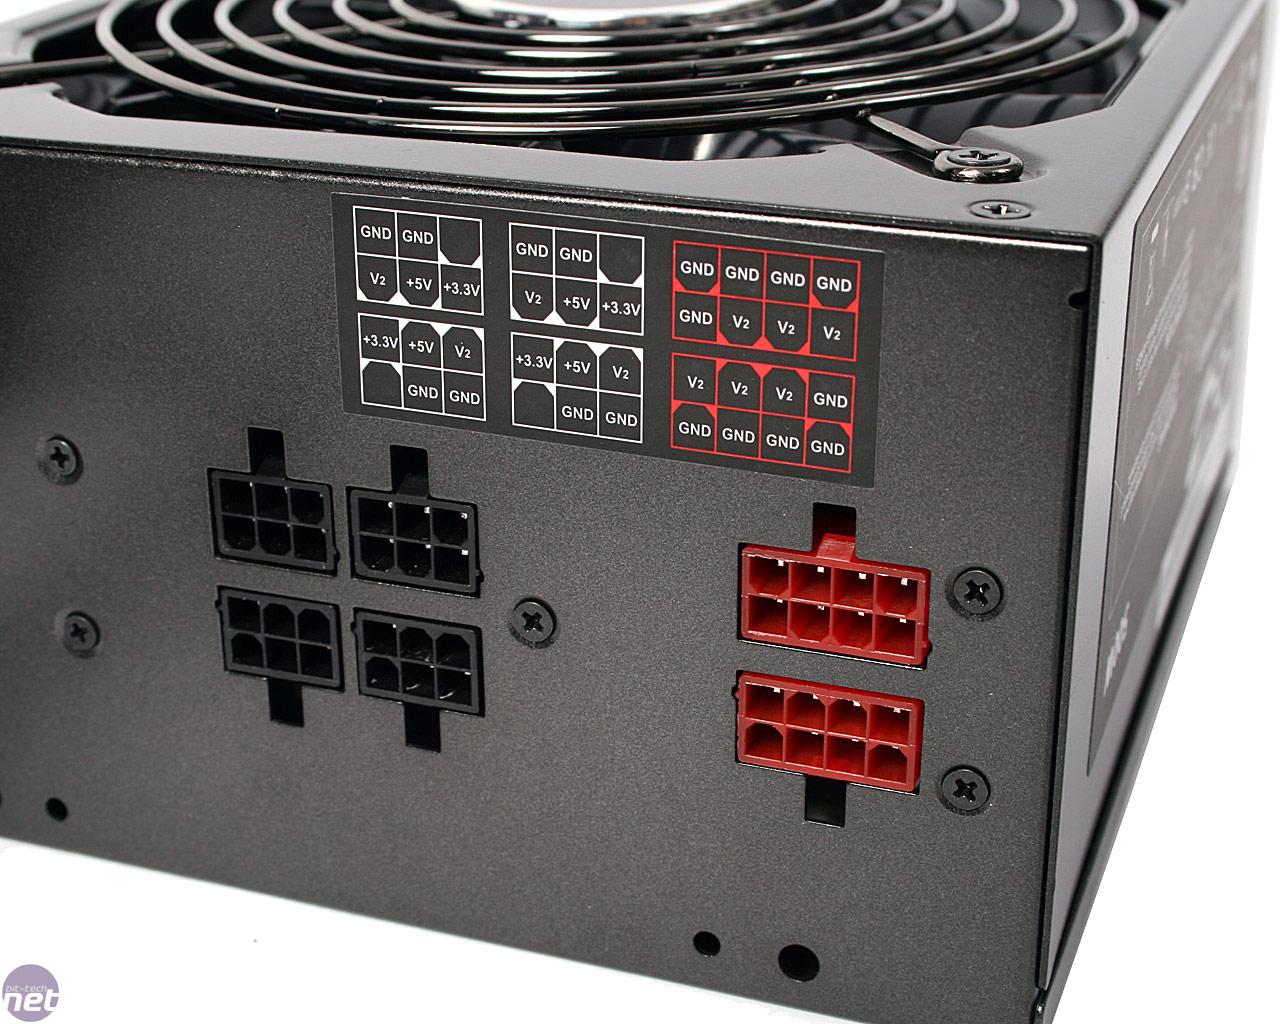 Ocz Modxstream Pro 500w Psu Bit Tech Net